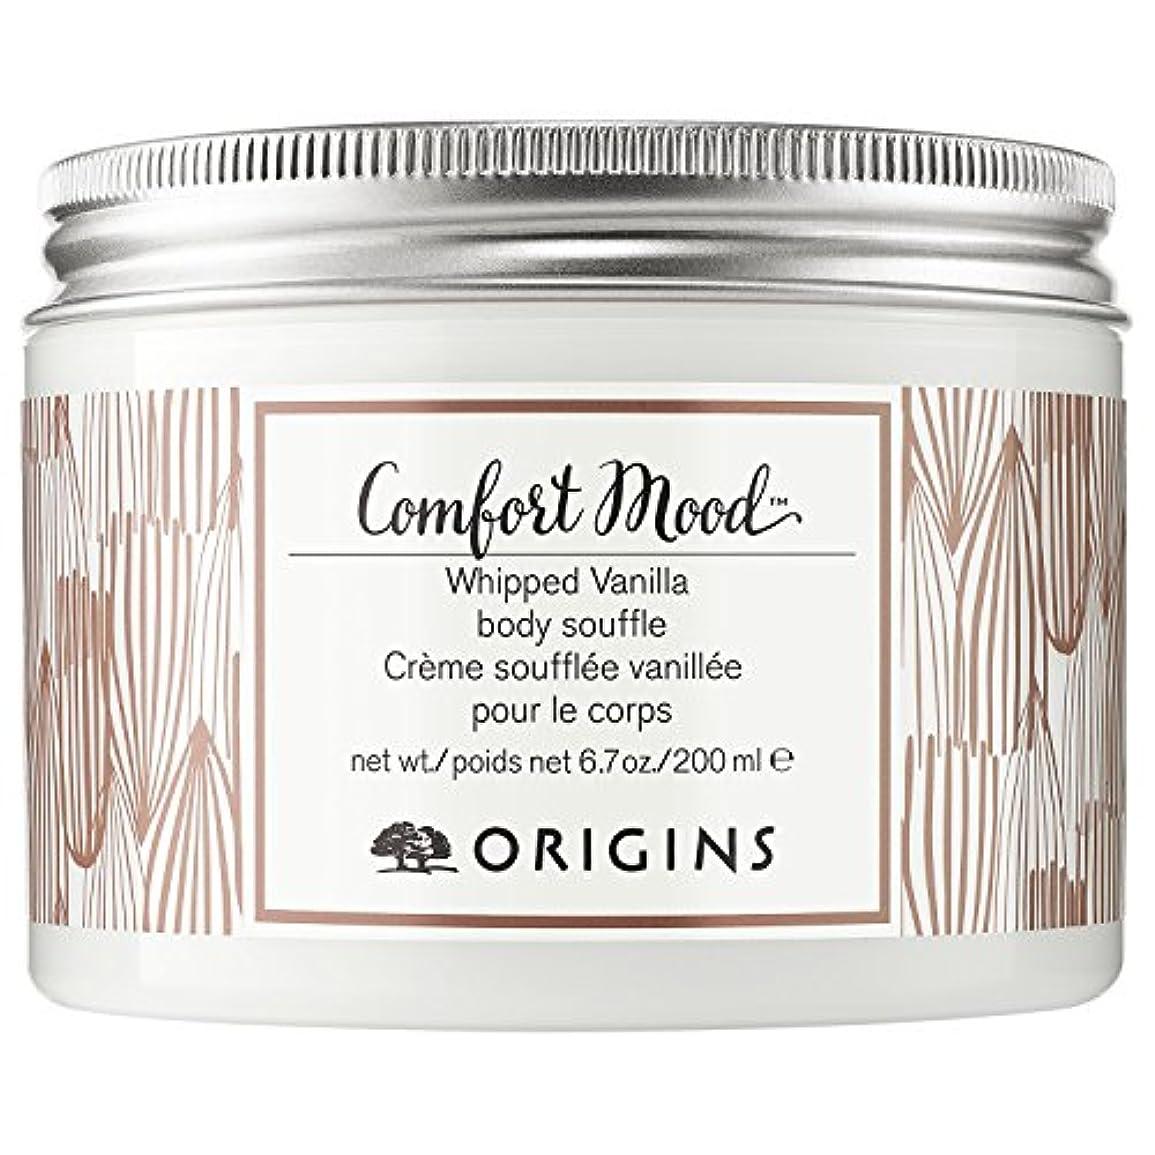 イノセンス分散月曜日起源の快適な気分ホイップバニラボディスフレ200ミリリットル (Origins) - Origins Comfort Mood Whipped Vanilla Body Souffle 200ml [並行輸入品]